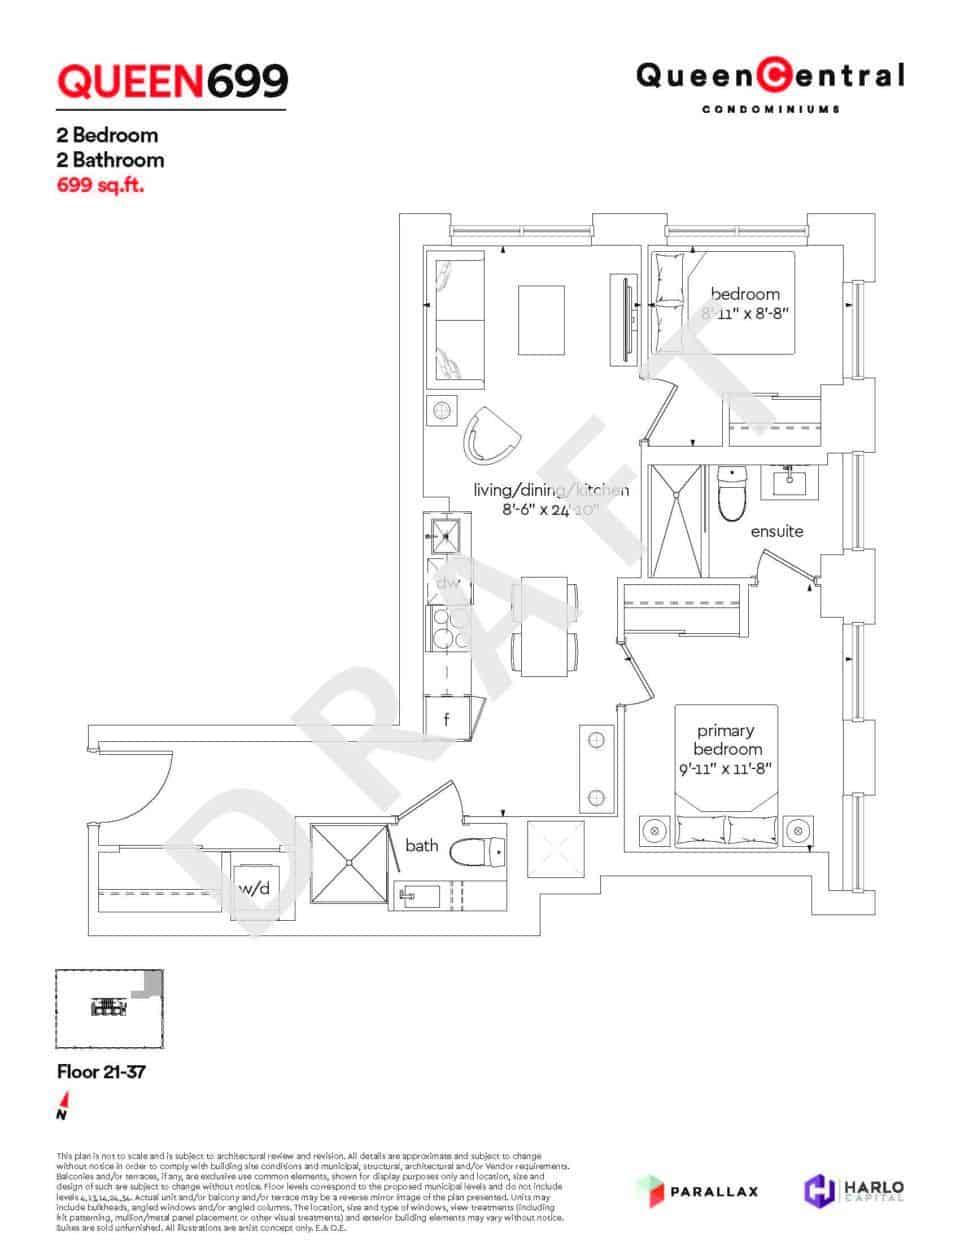 Queen Central Draft Floor Plans QUEEN 699